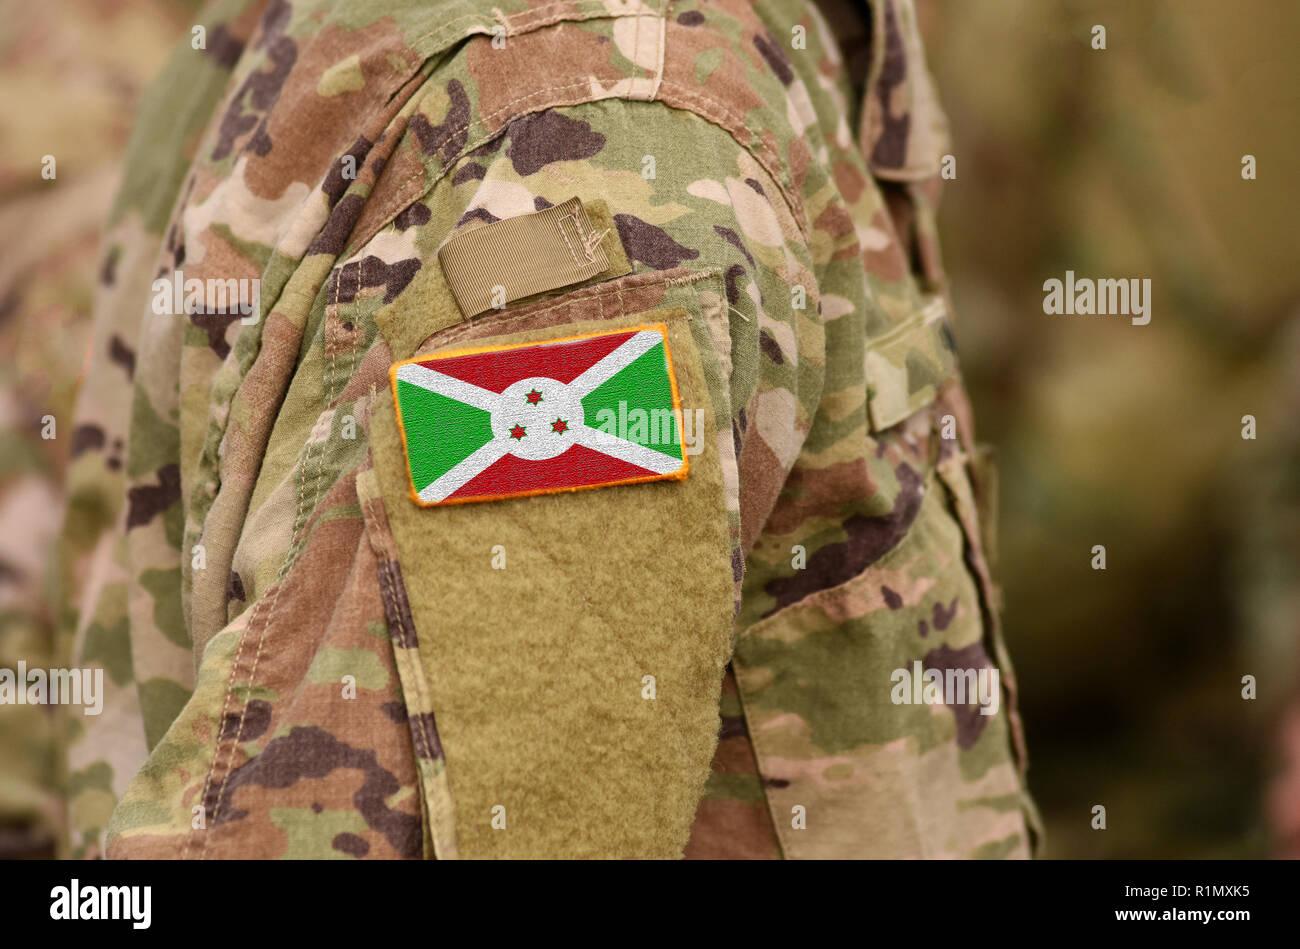 Burundi flag on soldiers arm. Republic of Burundi troops (collage) - Stock Image